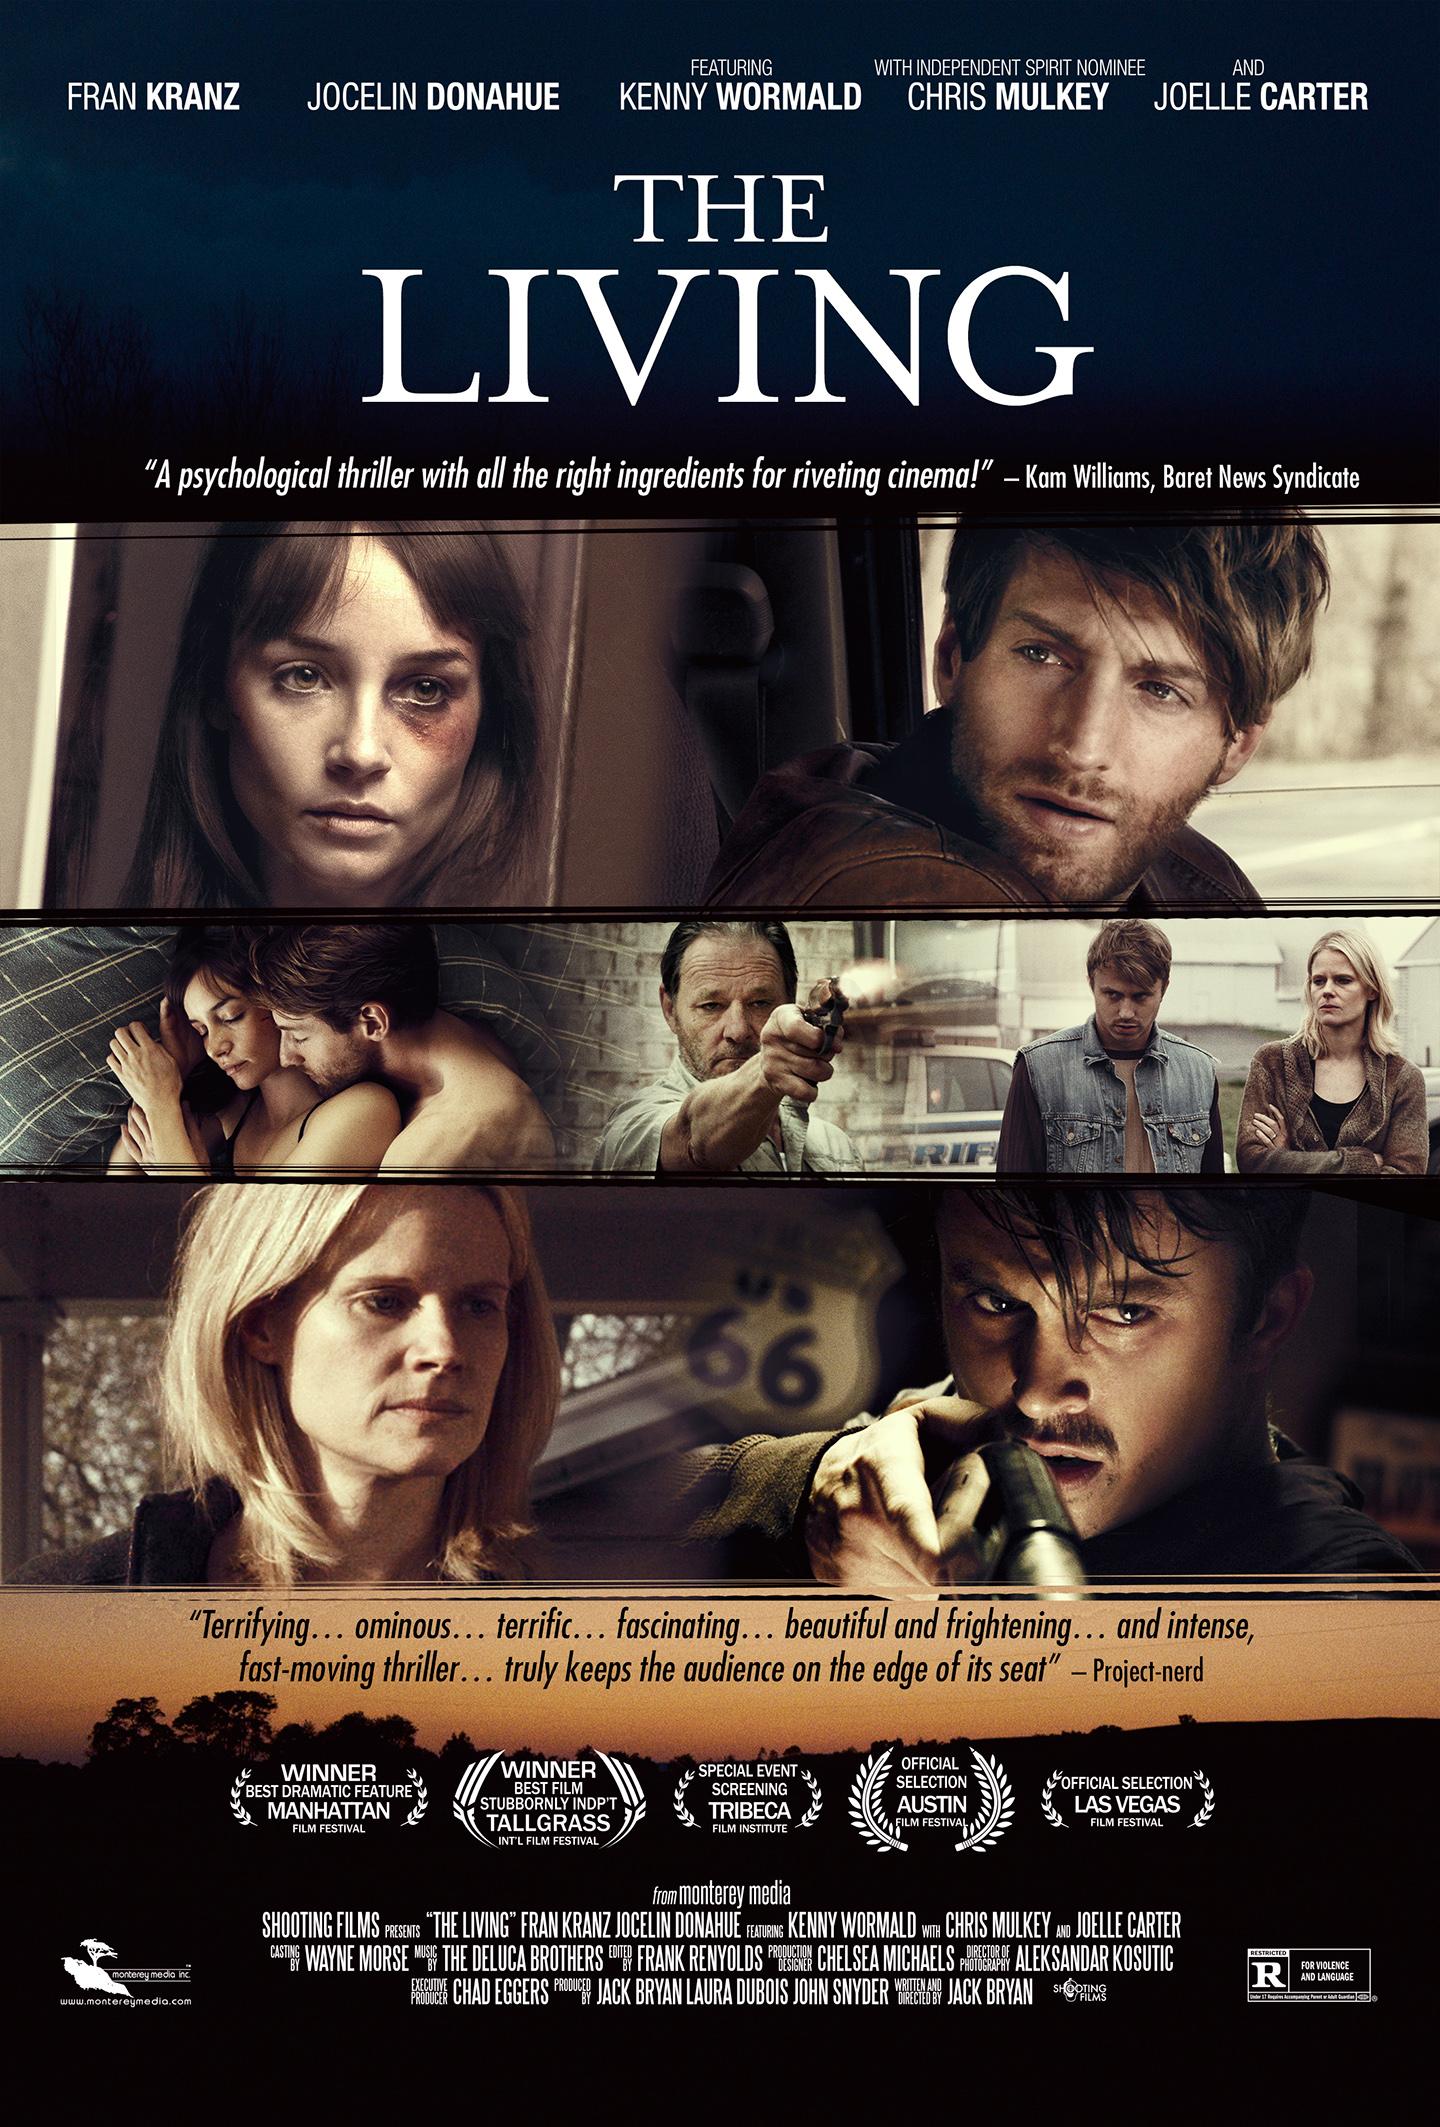 دانلود زیرنویس فارسی فیلم The Living